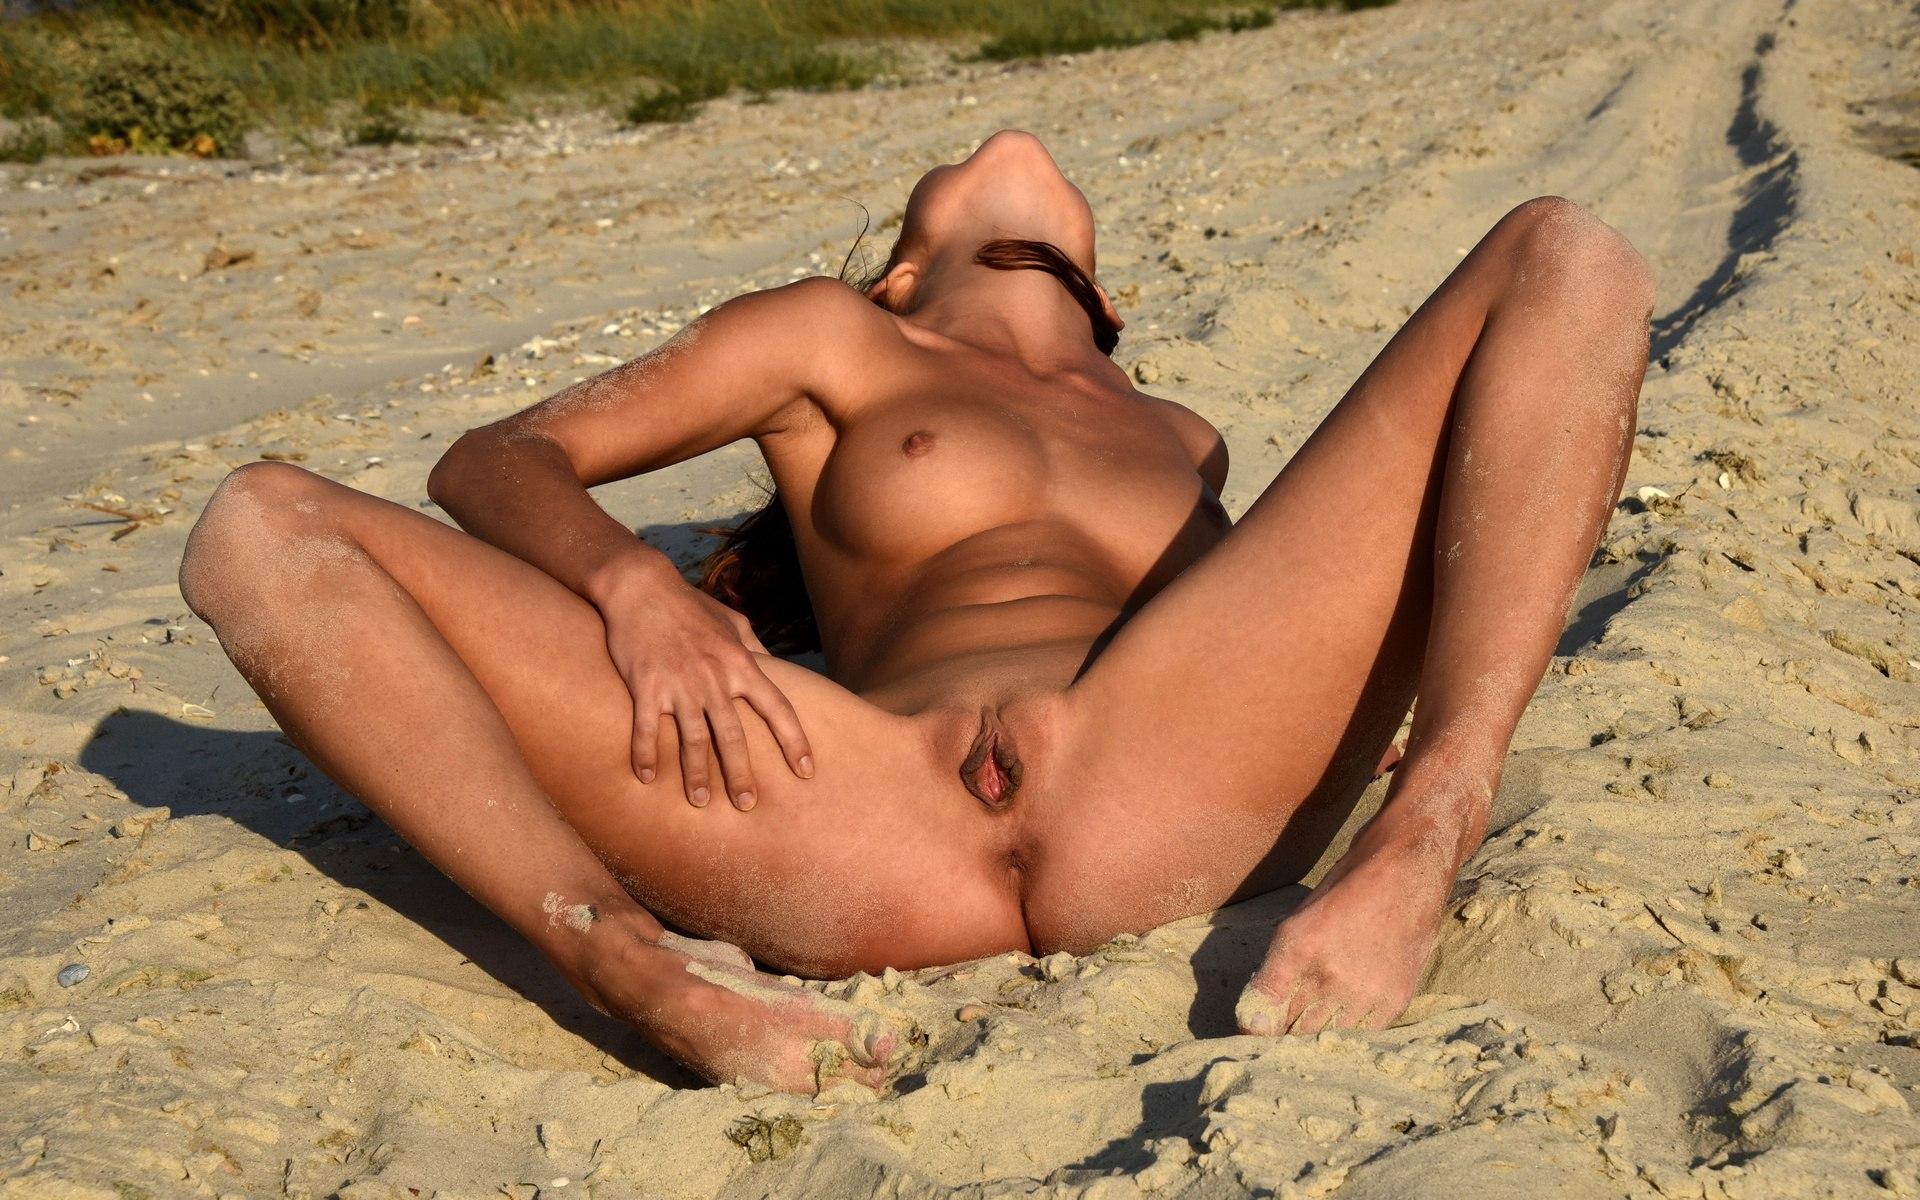 Фото раздвинула ноги на пляже, Грудастая девушка раздвинула ножки на пляже. Фото 23 фотография